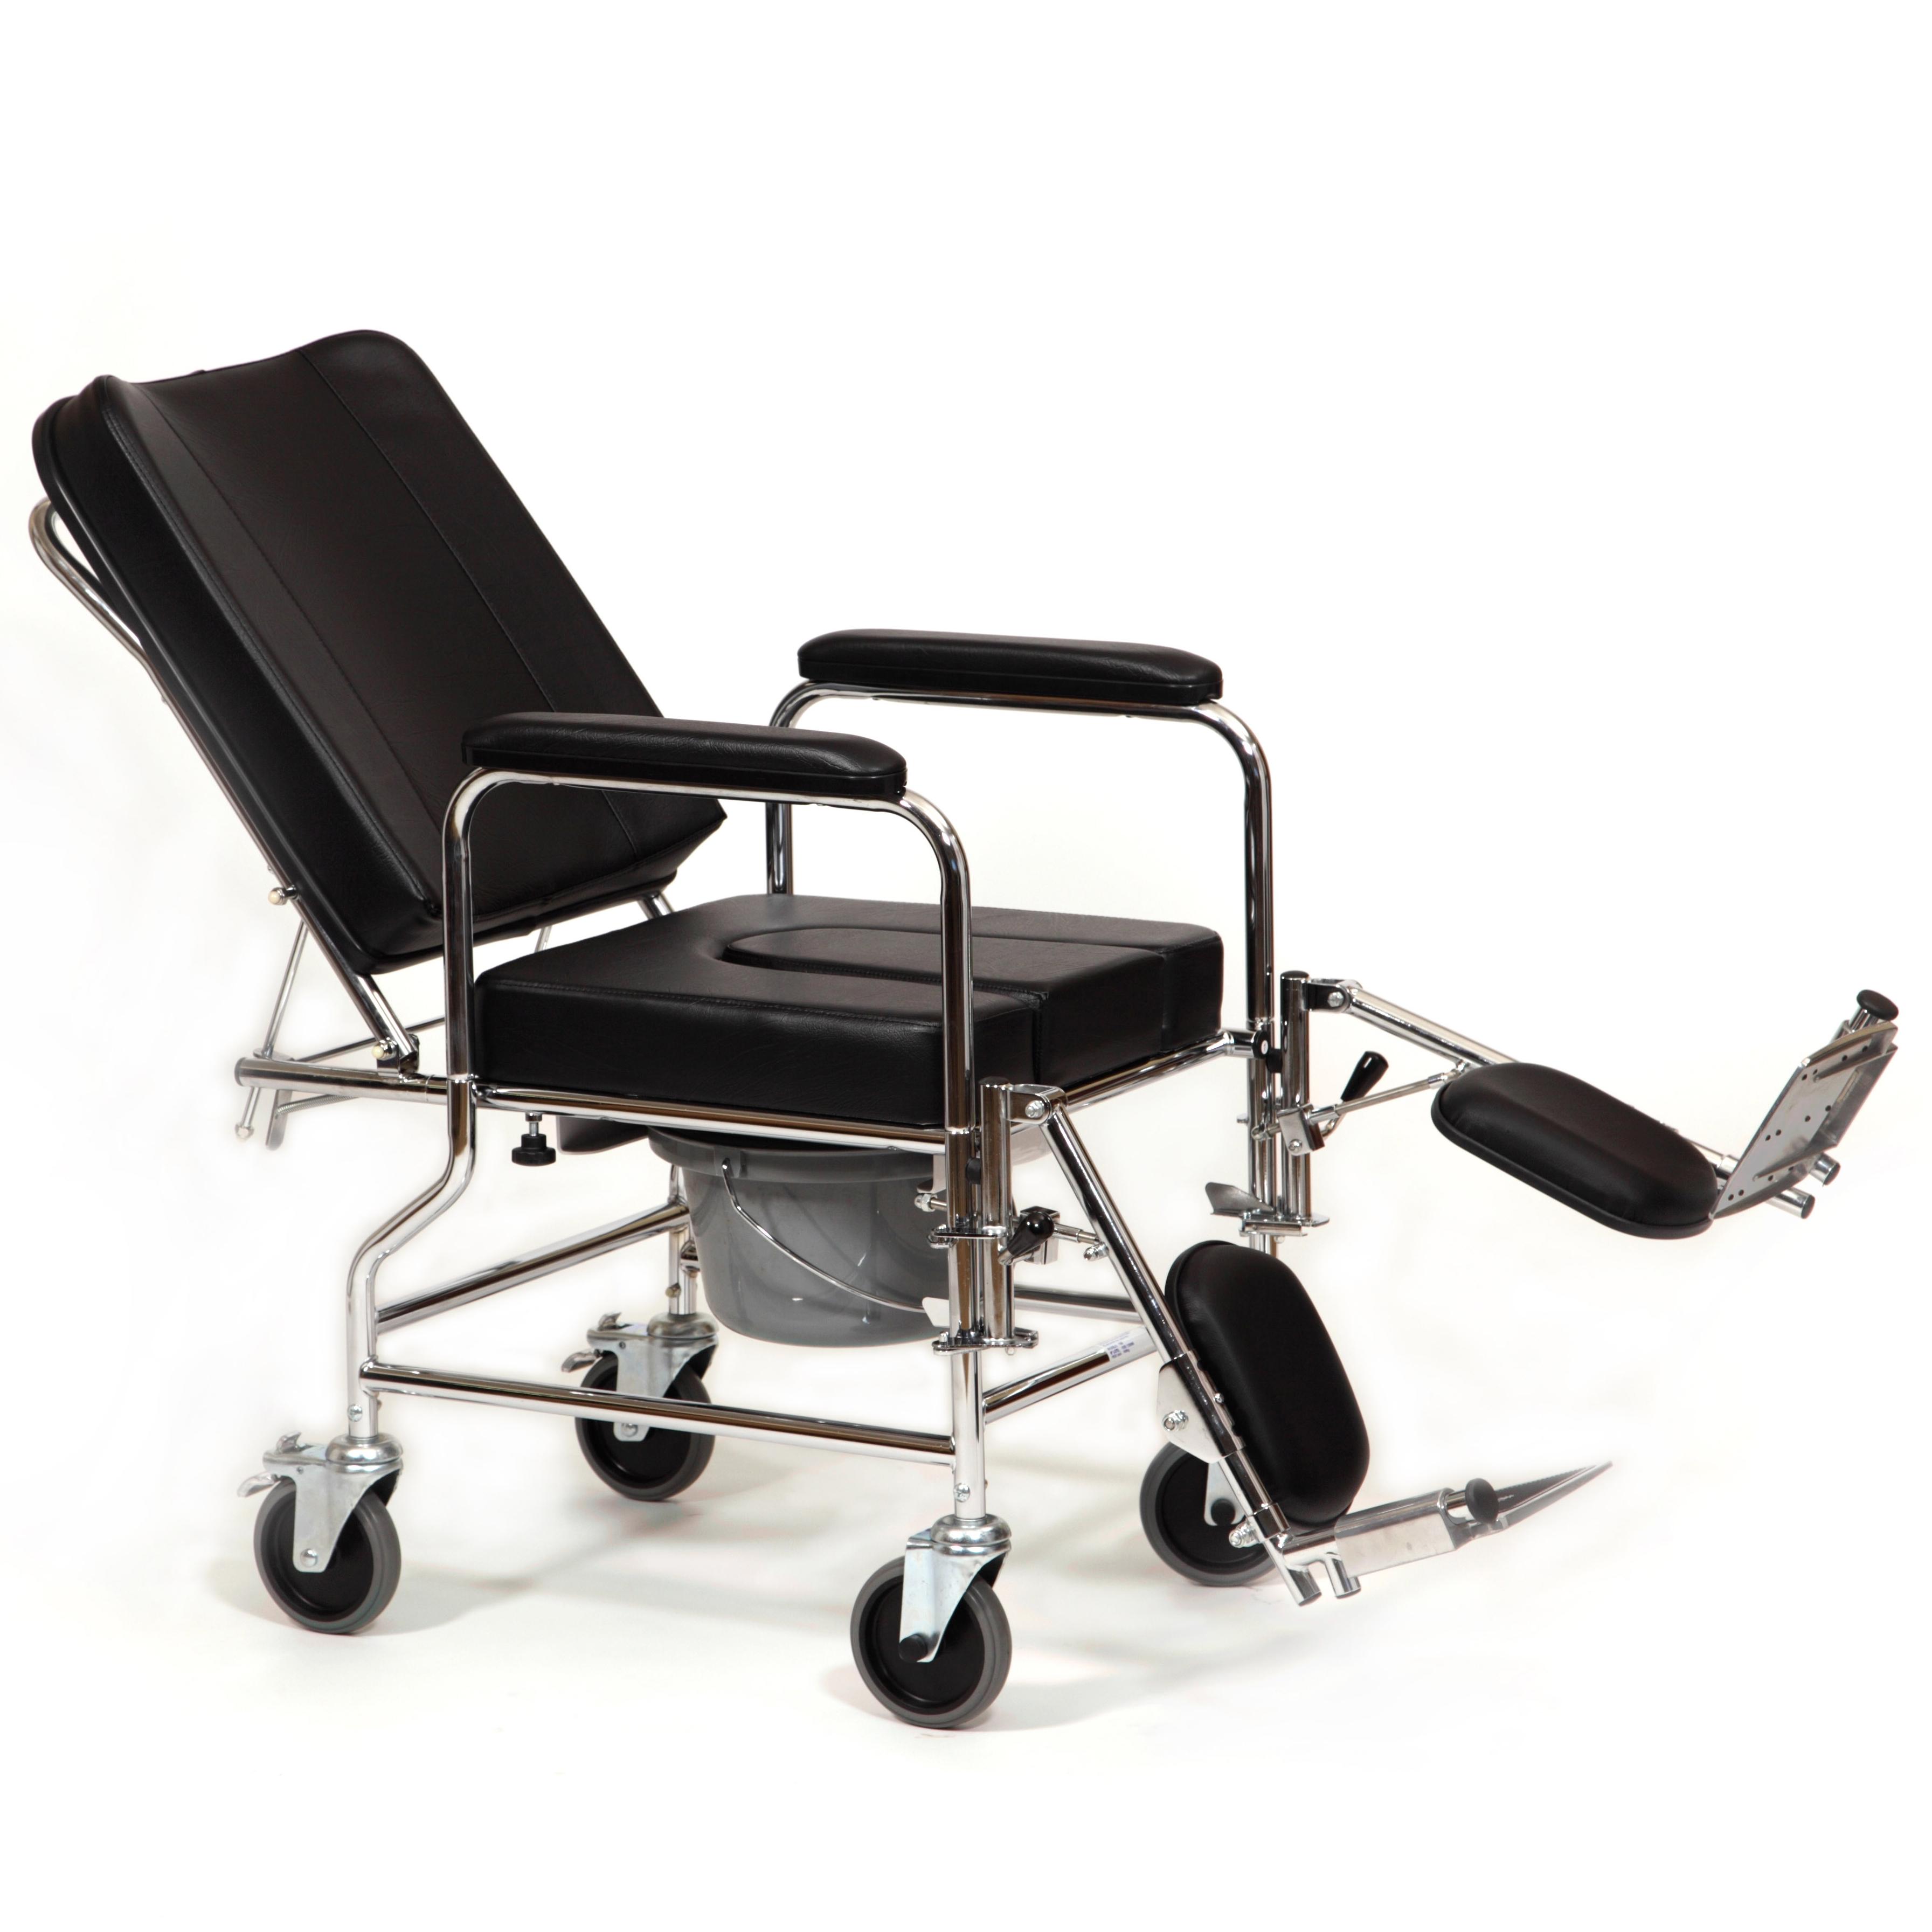 Silla de interior reclinable geriayuda for Sillas con respaldo